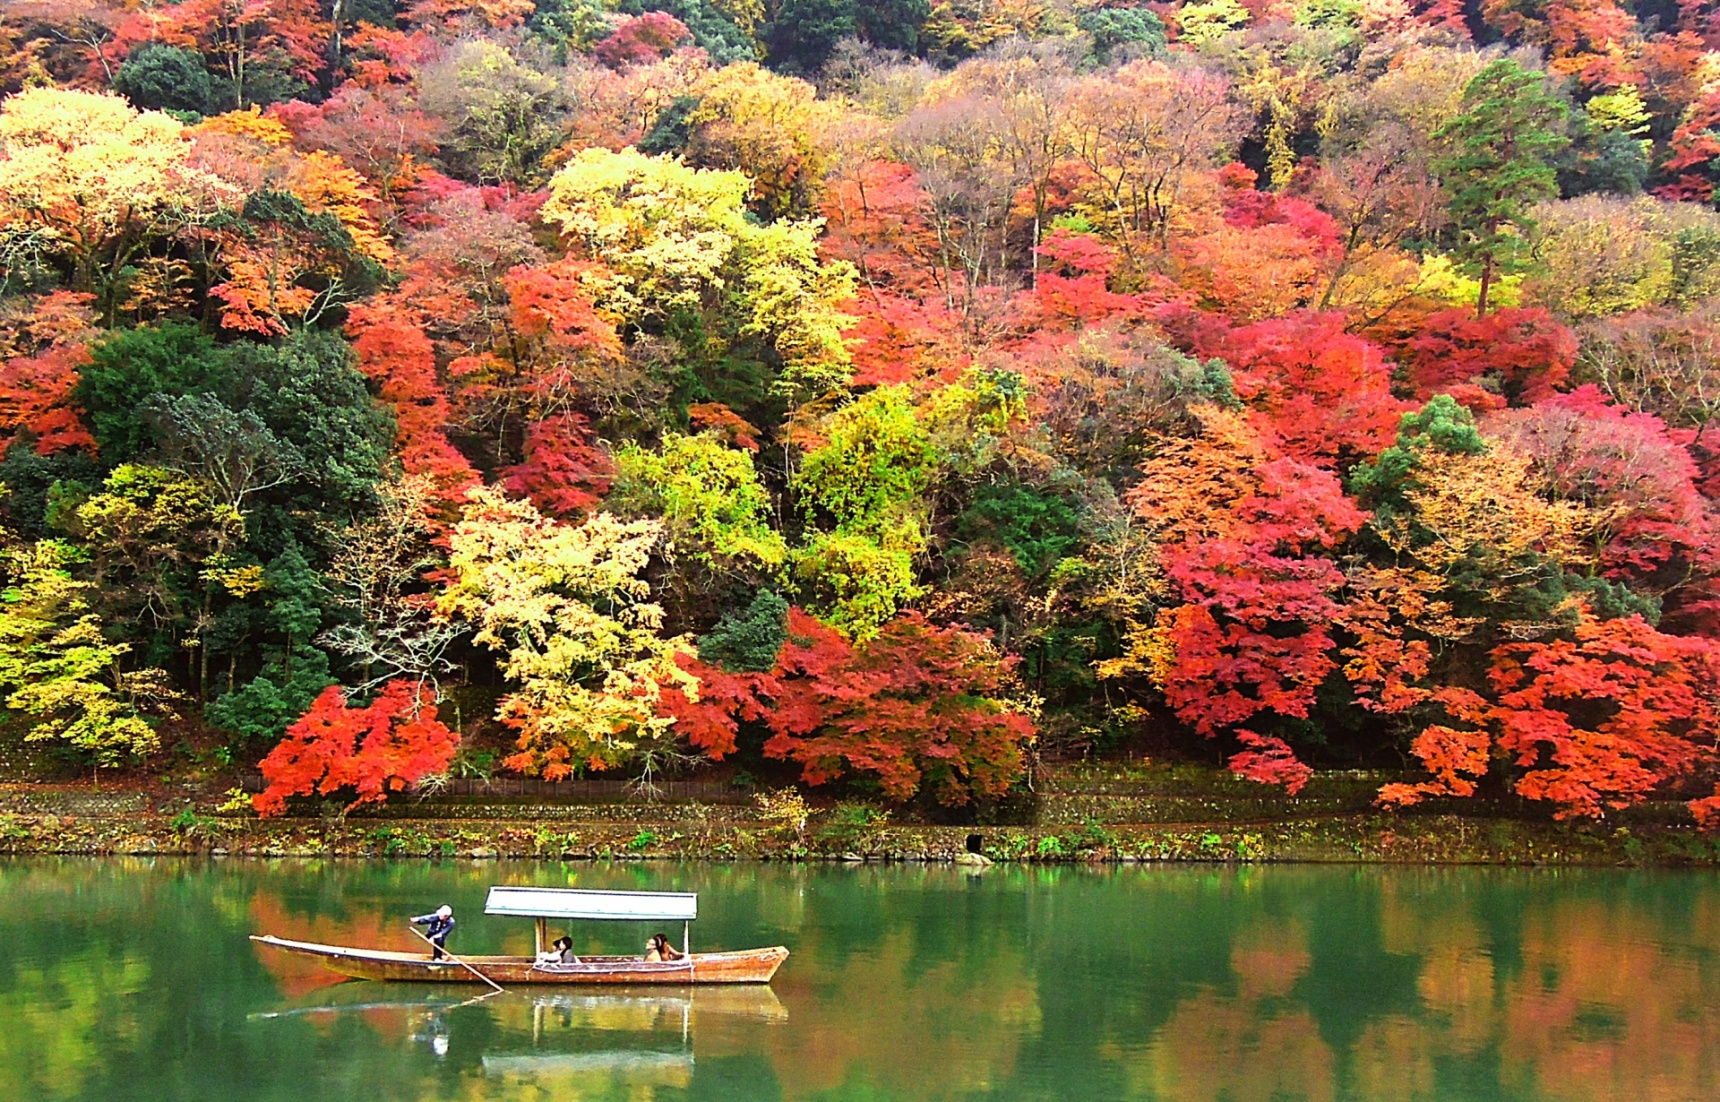 京都必看15处红叶美景